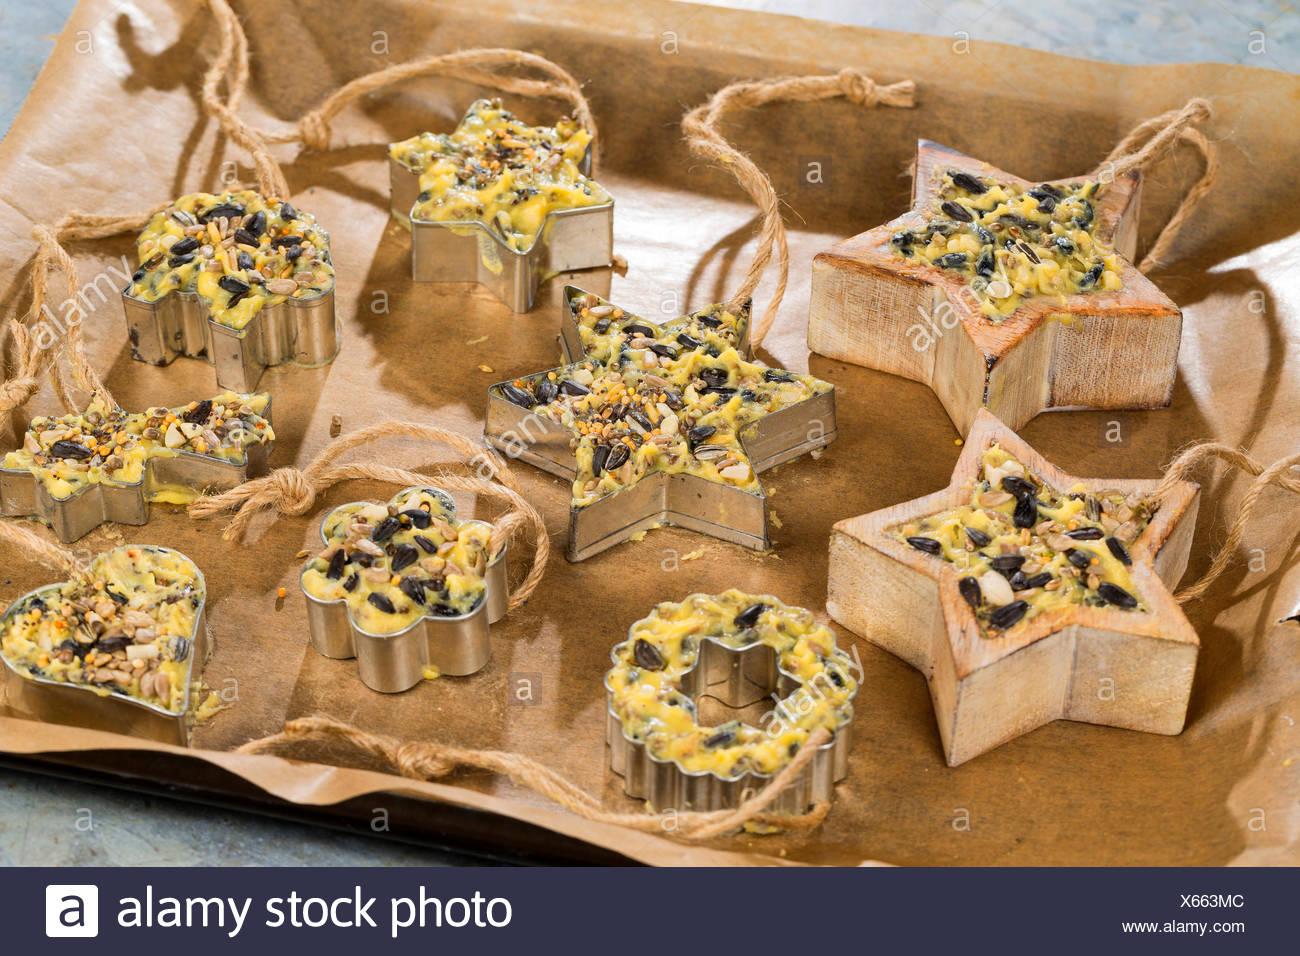 selbstgemachtes Vogelfutter wurde in Foermchen zum Aufhaengen gefuellt | self made birdseeds are filled in jars | BLWS419323.jpg Stock Photo